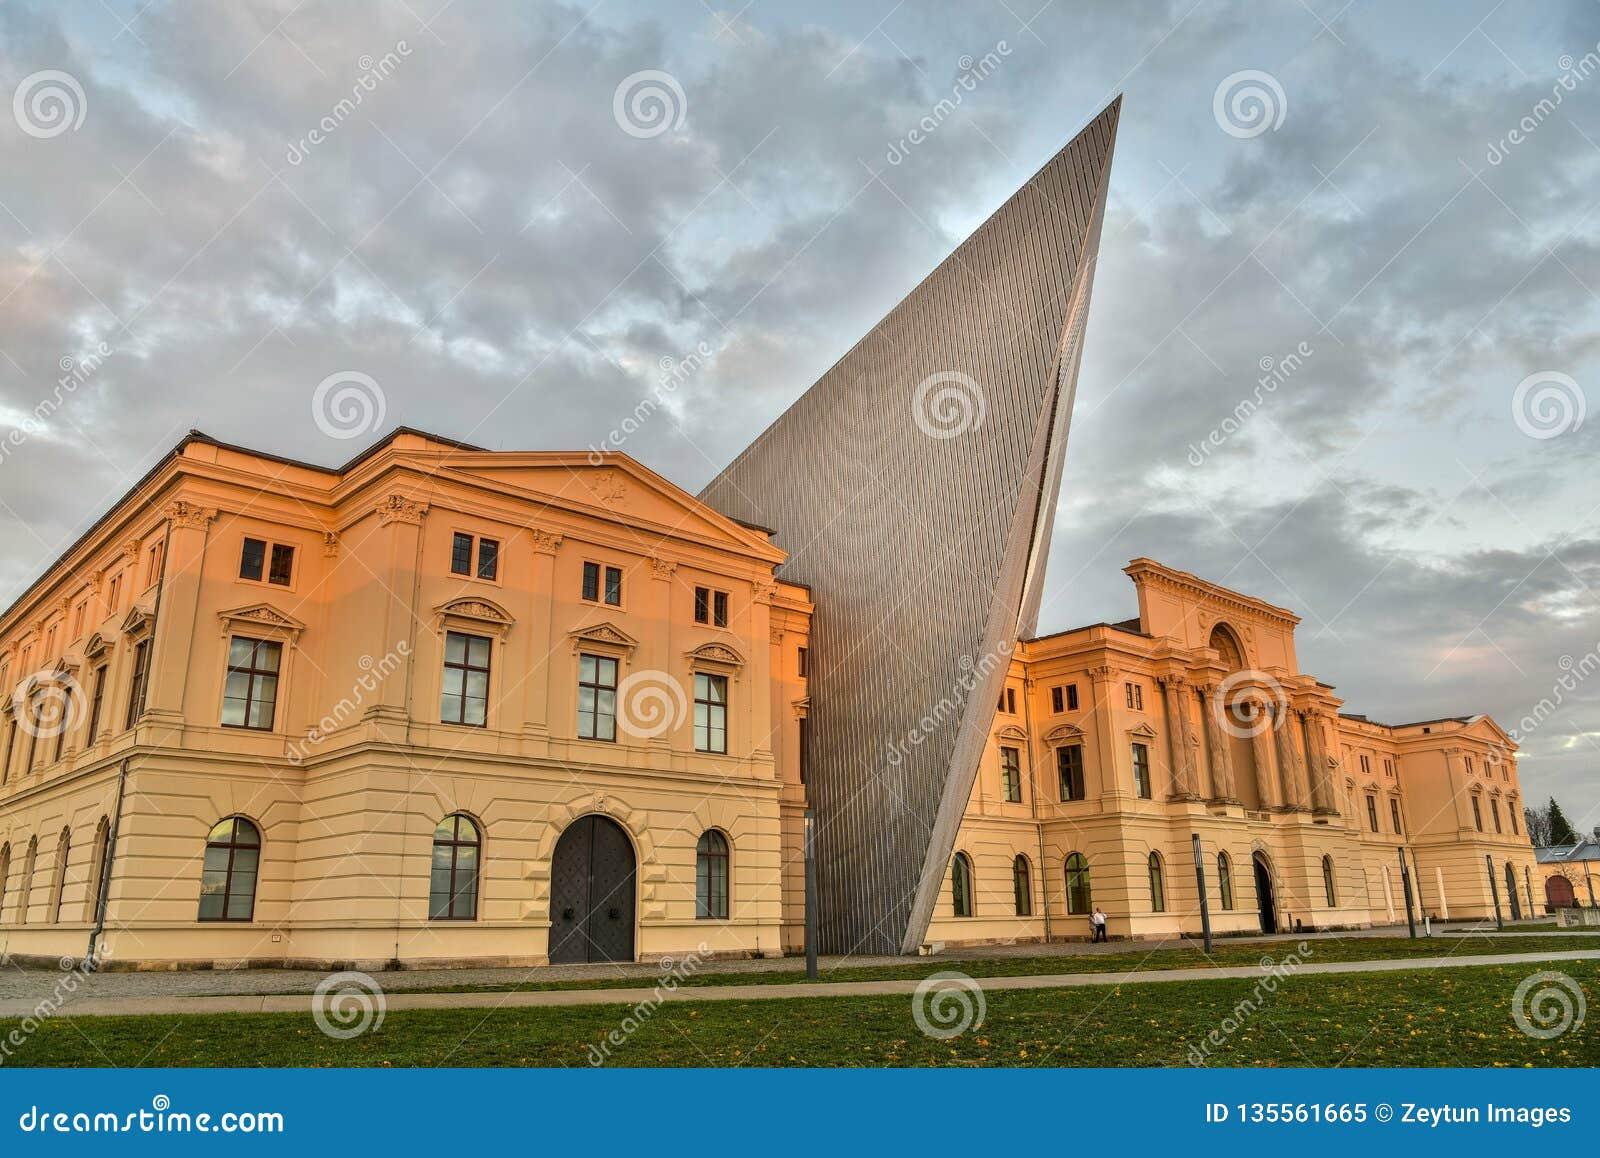 Militair Geschiedenismuseum in Dresden, Duitsland